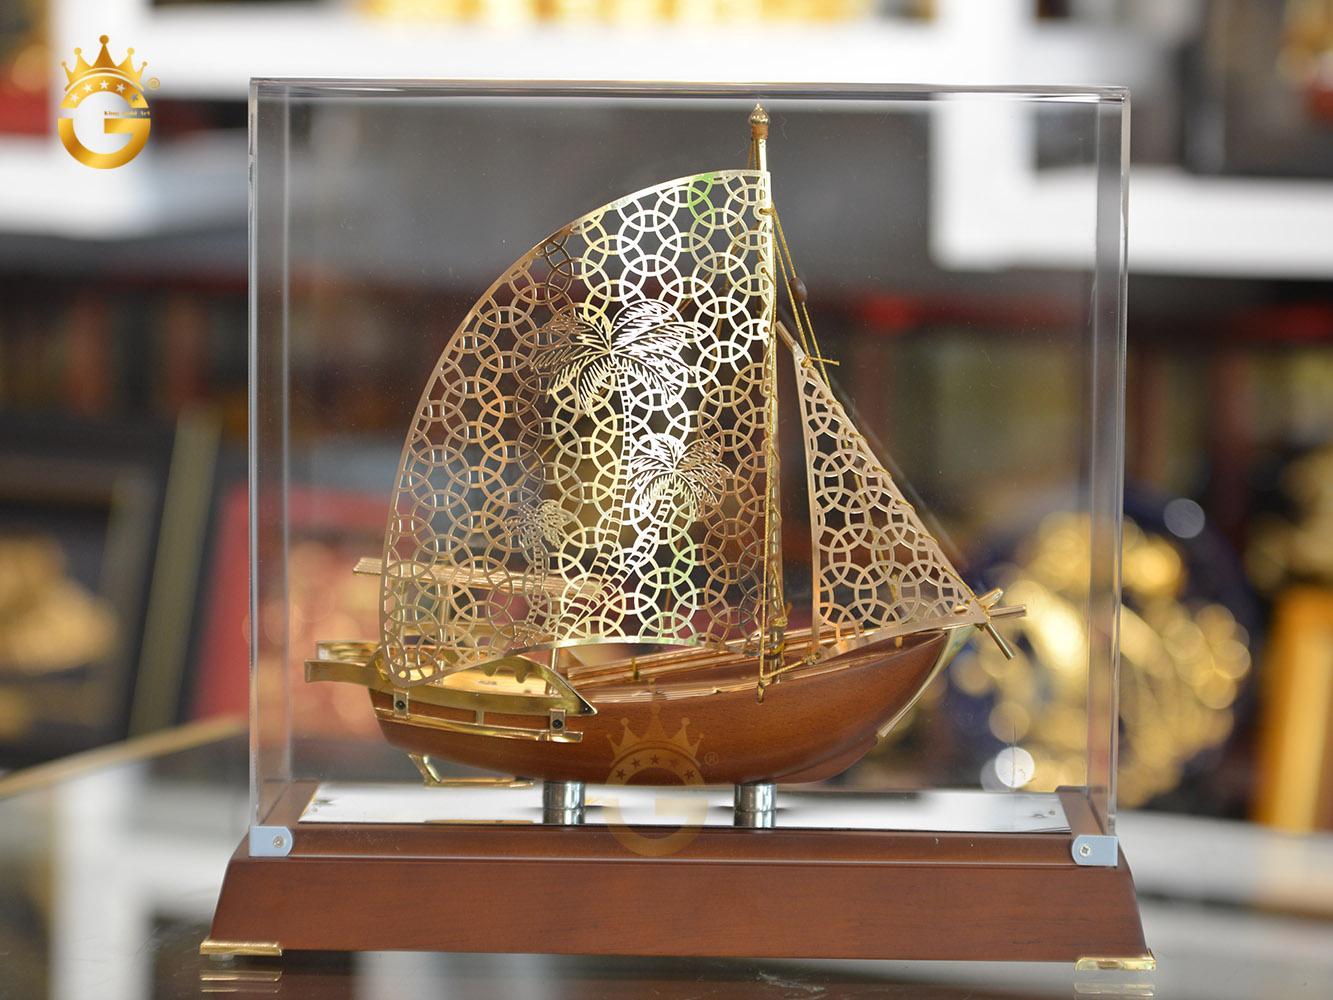 Mô hình quà tặng thuyền buồm đẹp tinh xảo từng chi tiết